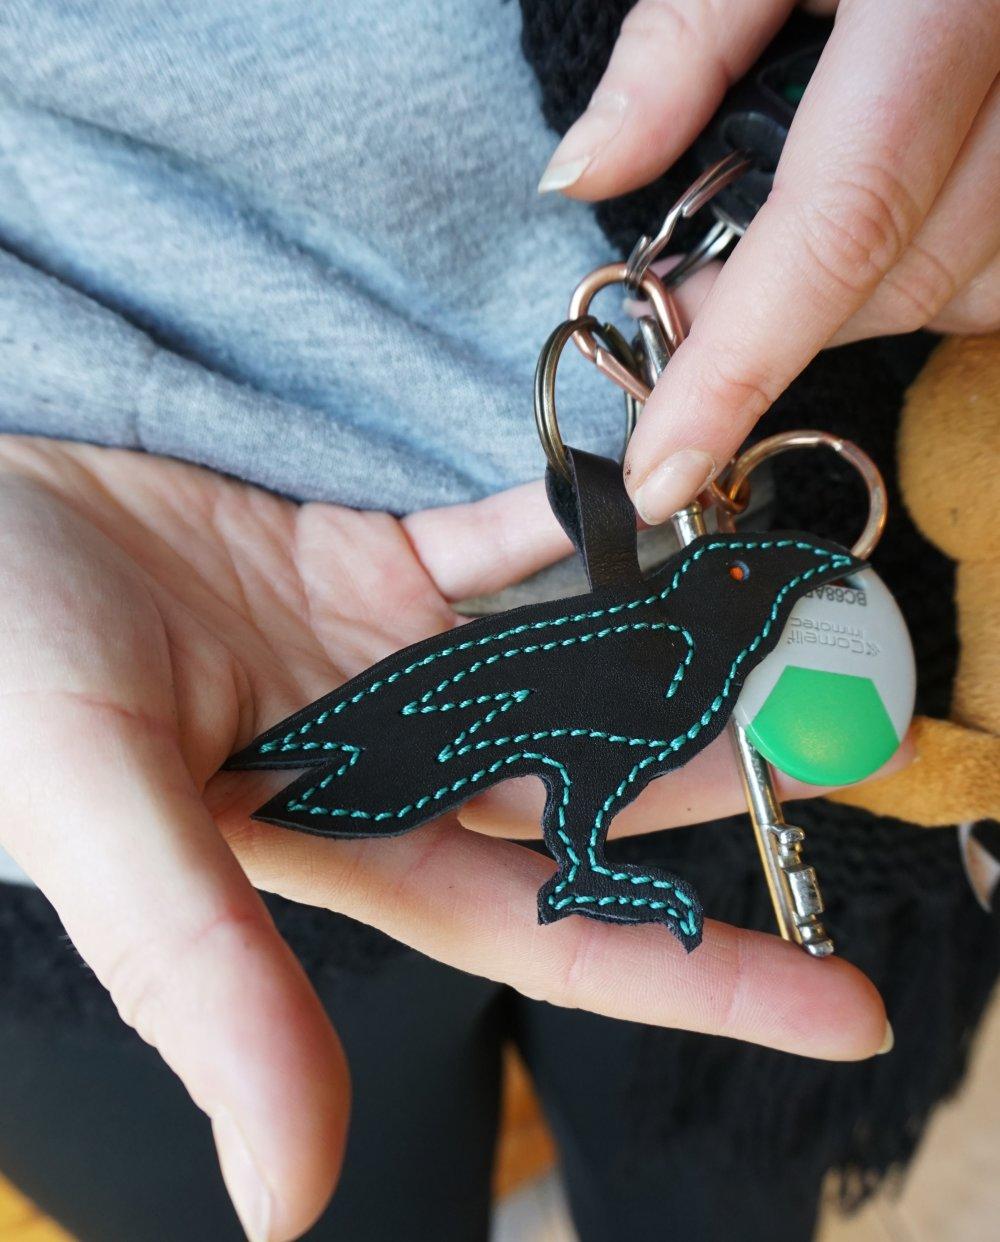 Bijou de sac corbeau noir ; Bijou de sac ; Porte clé huginn en cuir ; accessoire de sac  ; idée cadeau corbeau ; 20.03